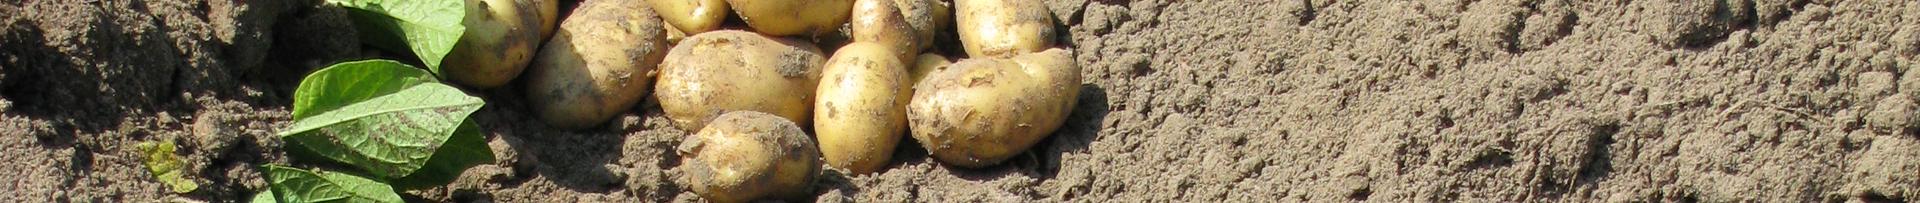 Kartoffeln im Sortenversuch gerade ausgemacht auf Feld liegend